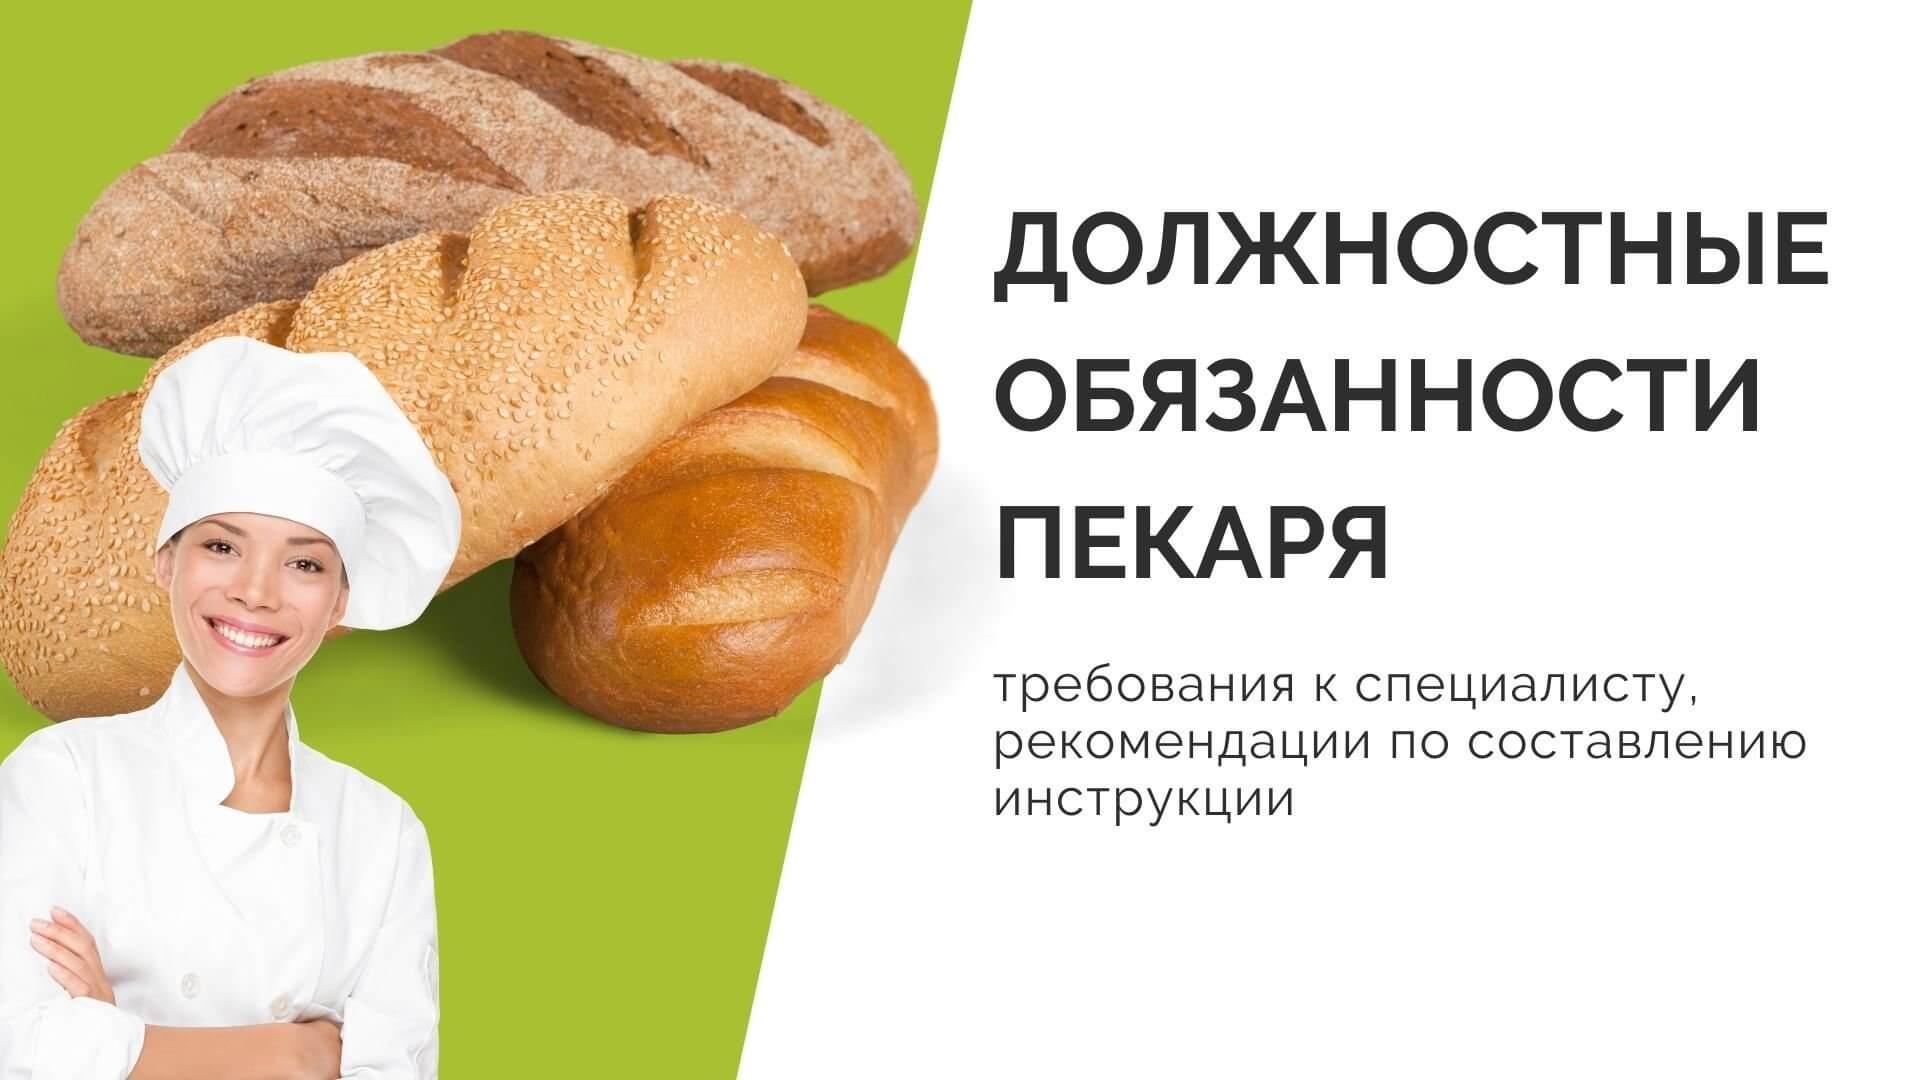 Должностные обязанности пекаря: требования к специалисту, рекомендации по составлению инструкции